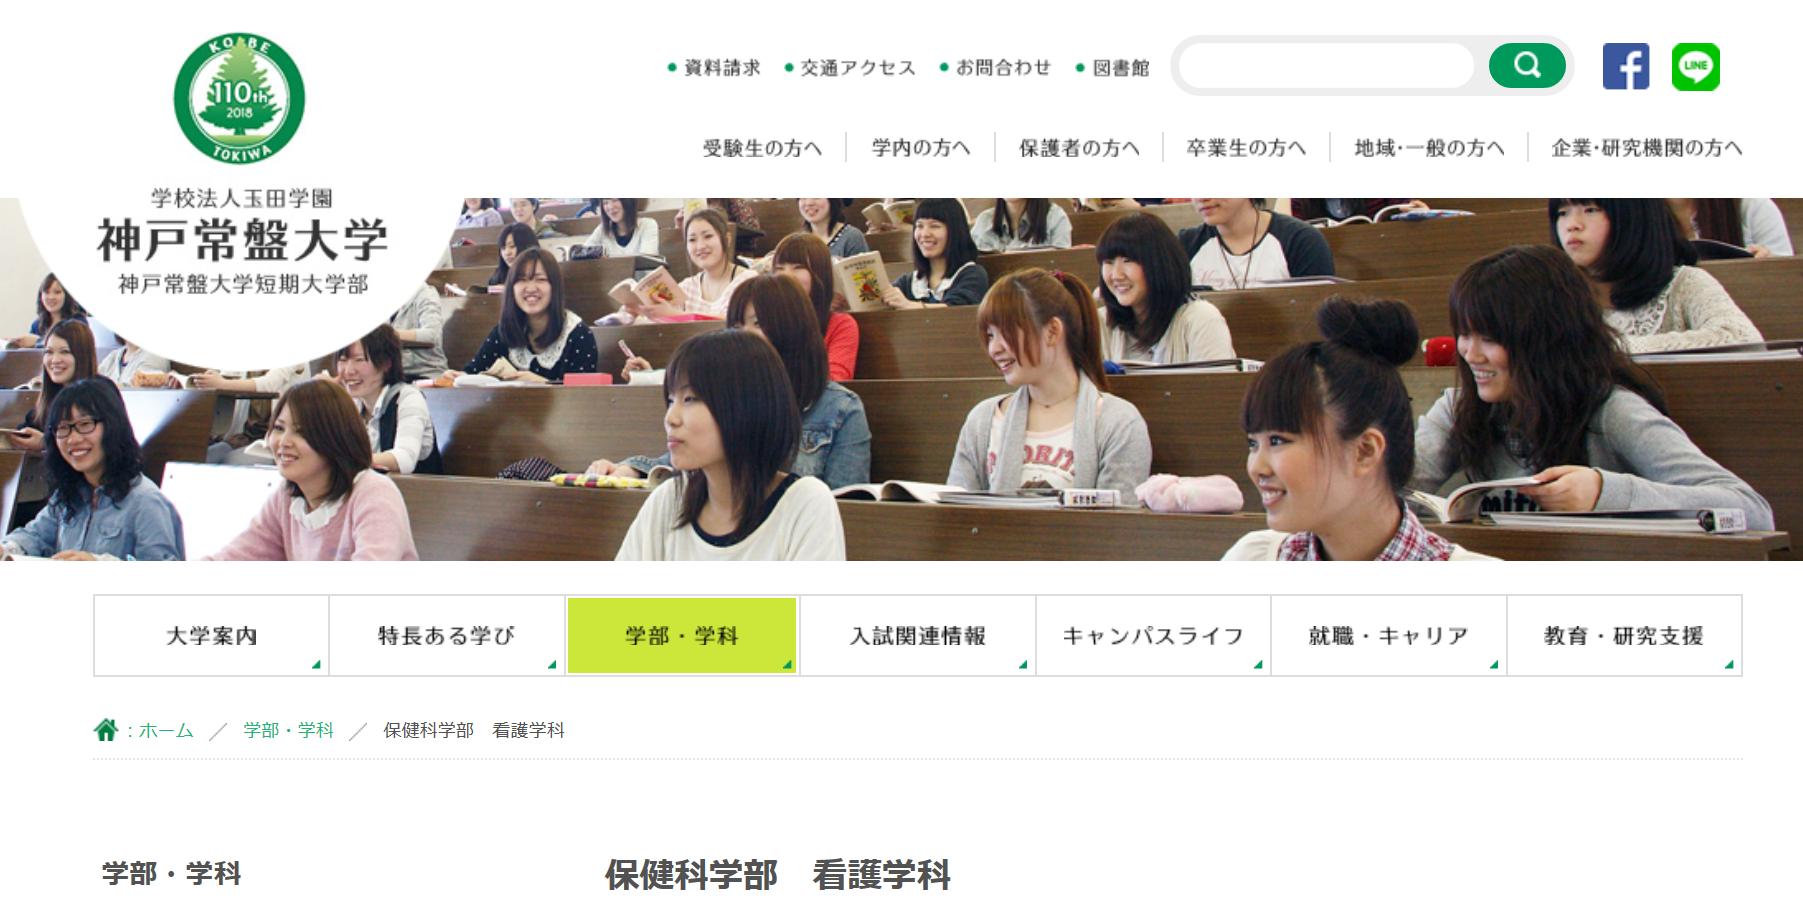 神戸常盤大学の評判・口コミ【保健科学部編】